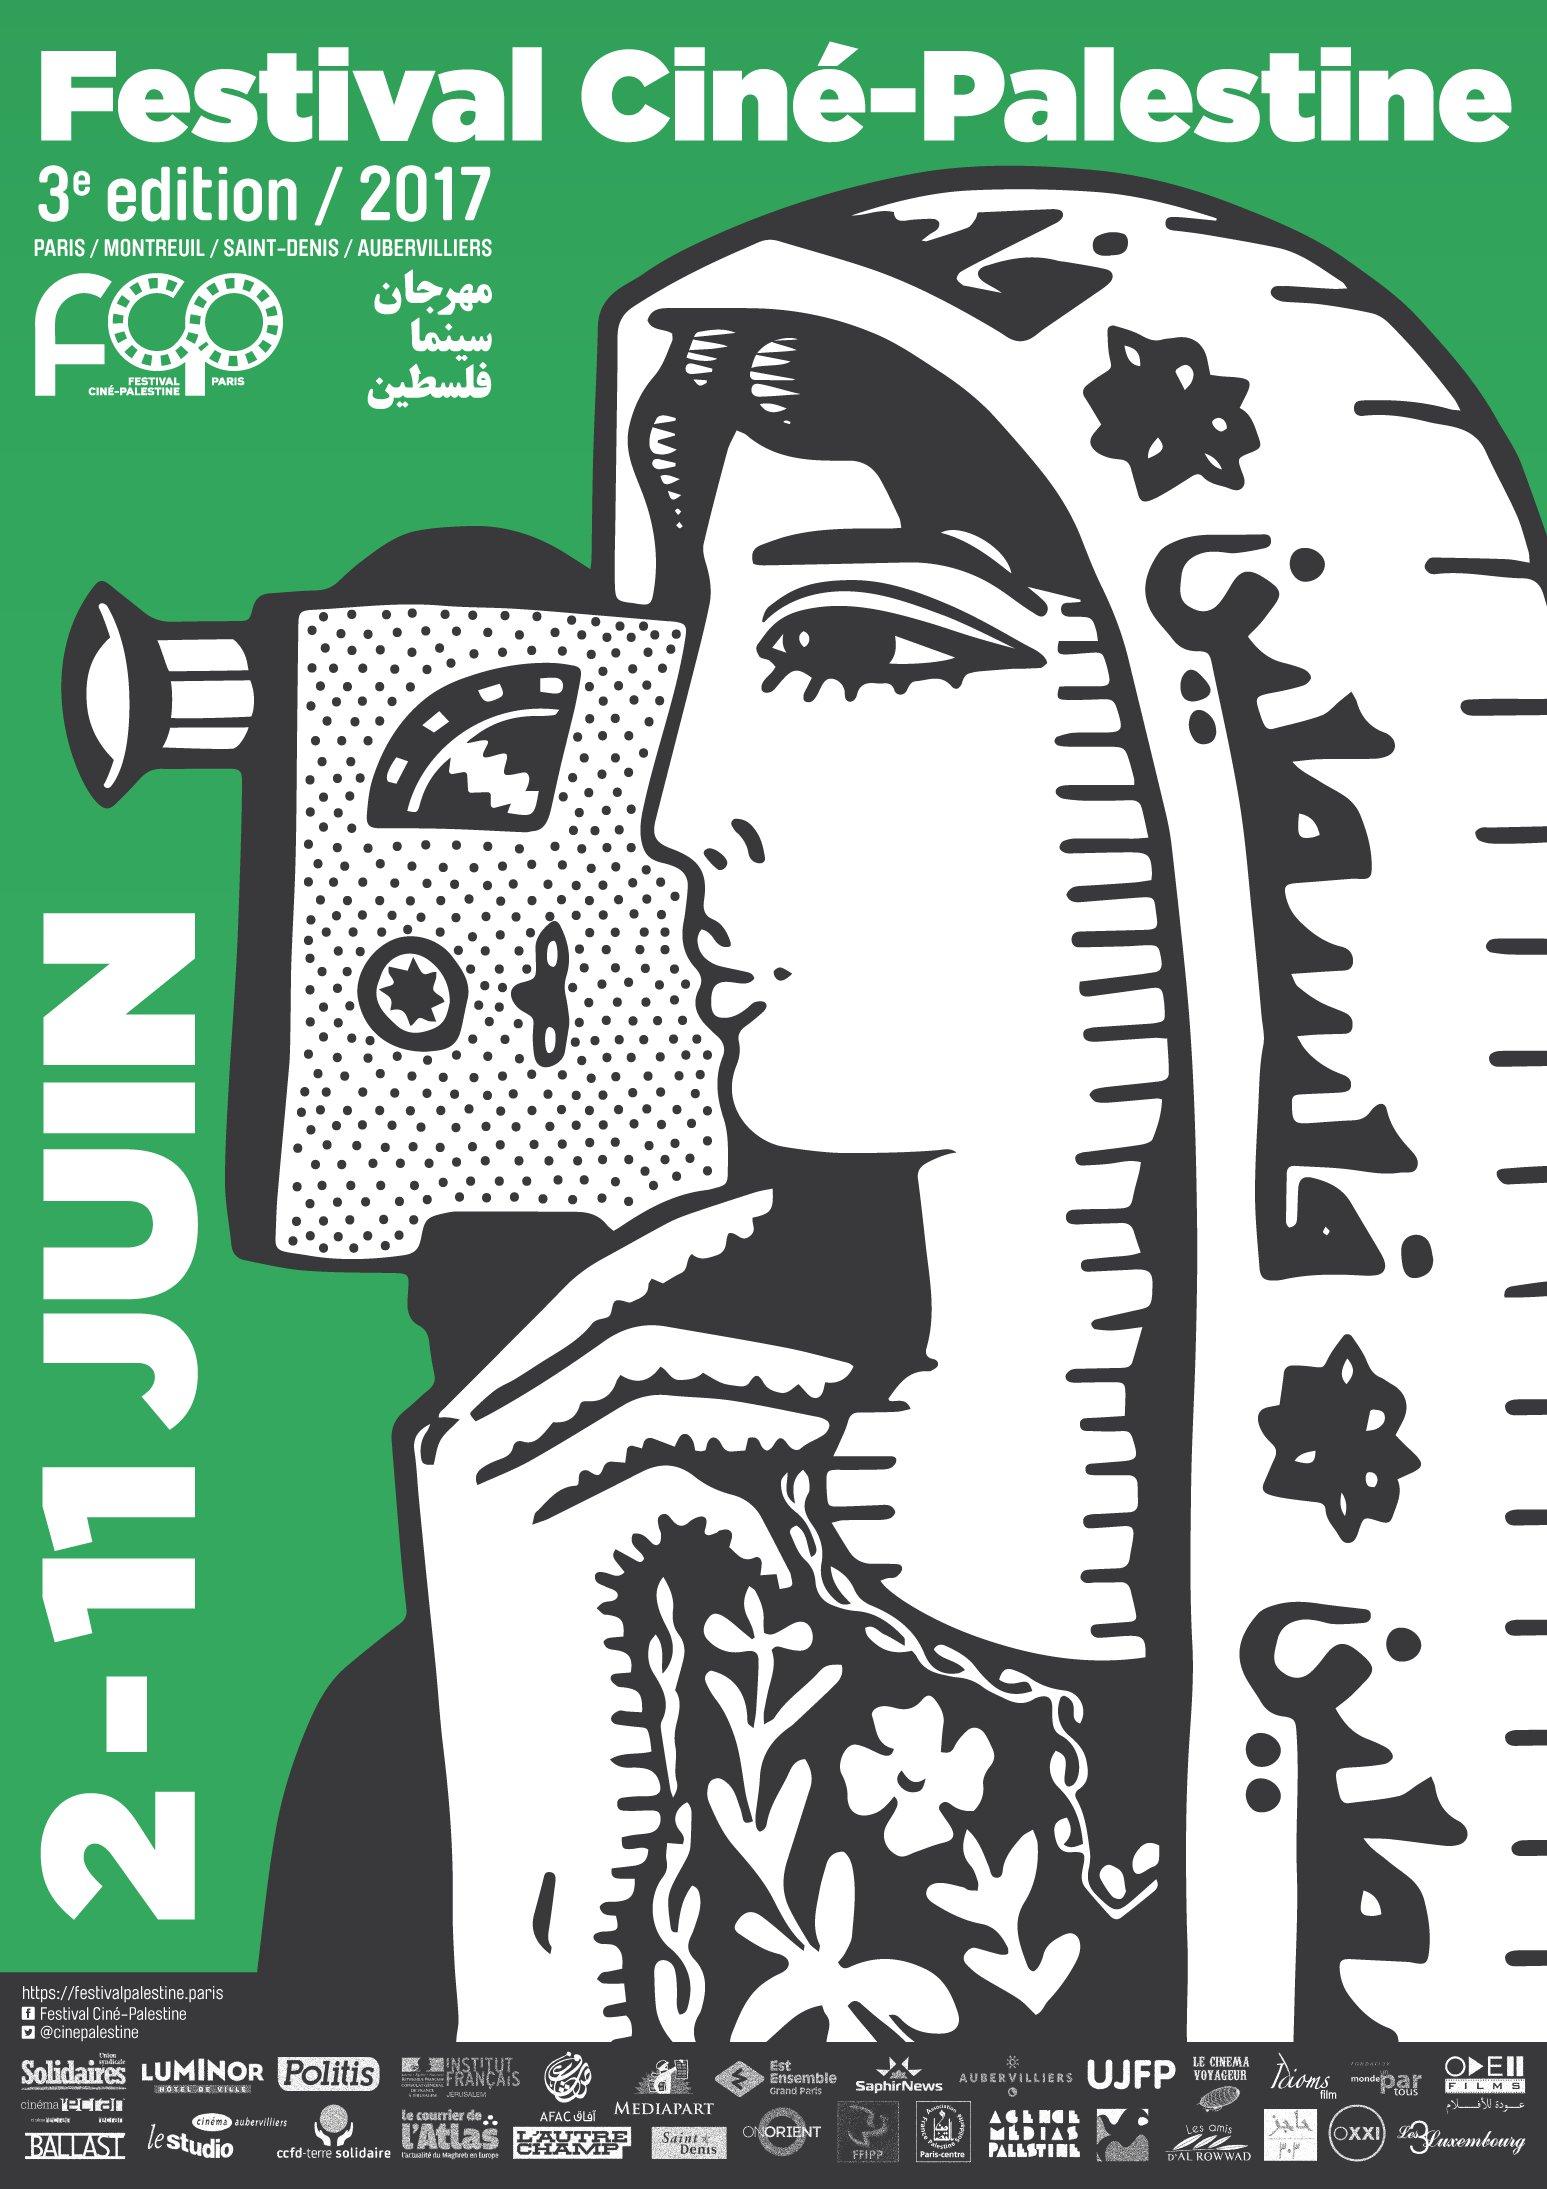 http://www.saphirnews.com/agenda/Festival-Cine-Palestine-3e-edition-Luminor_ae489064.html